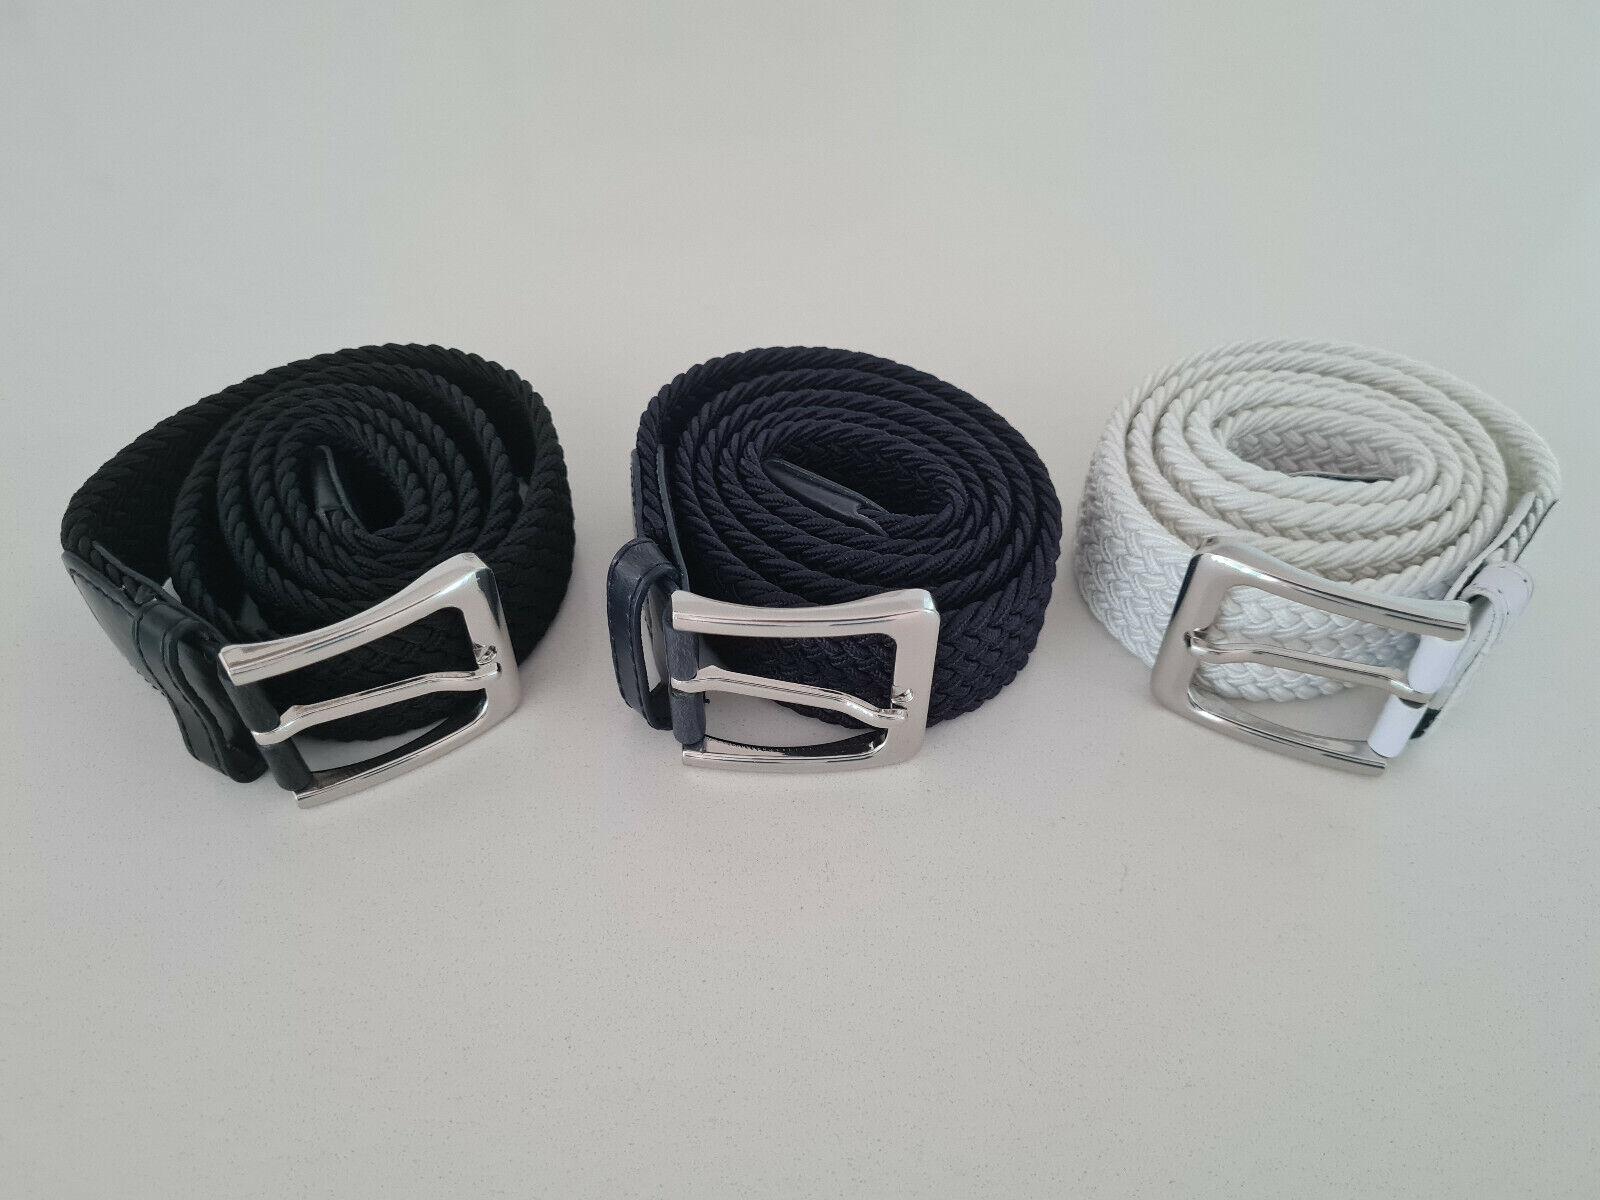 3 Flechtgürtel Black, White and Dark Blue, 100cm